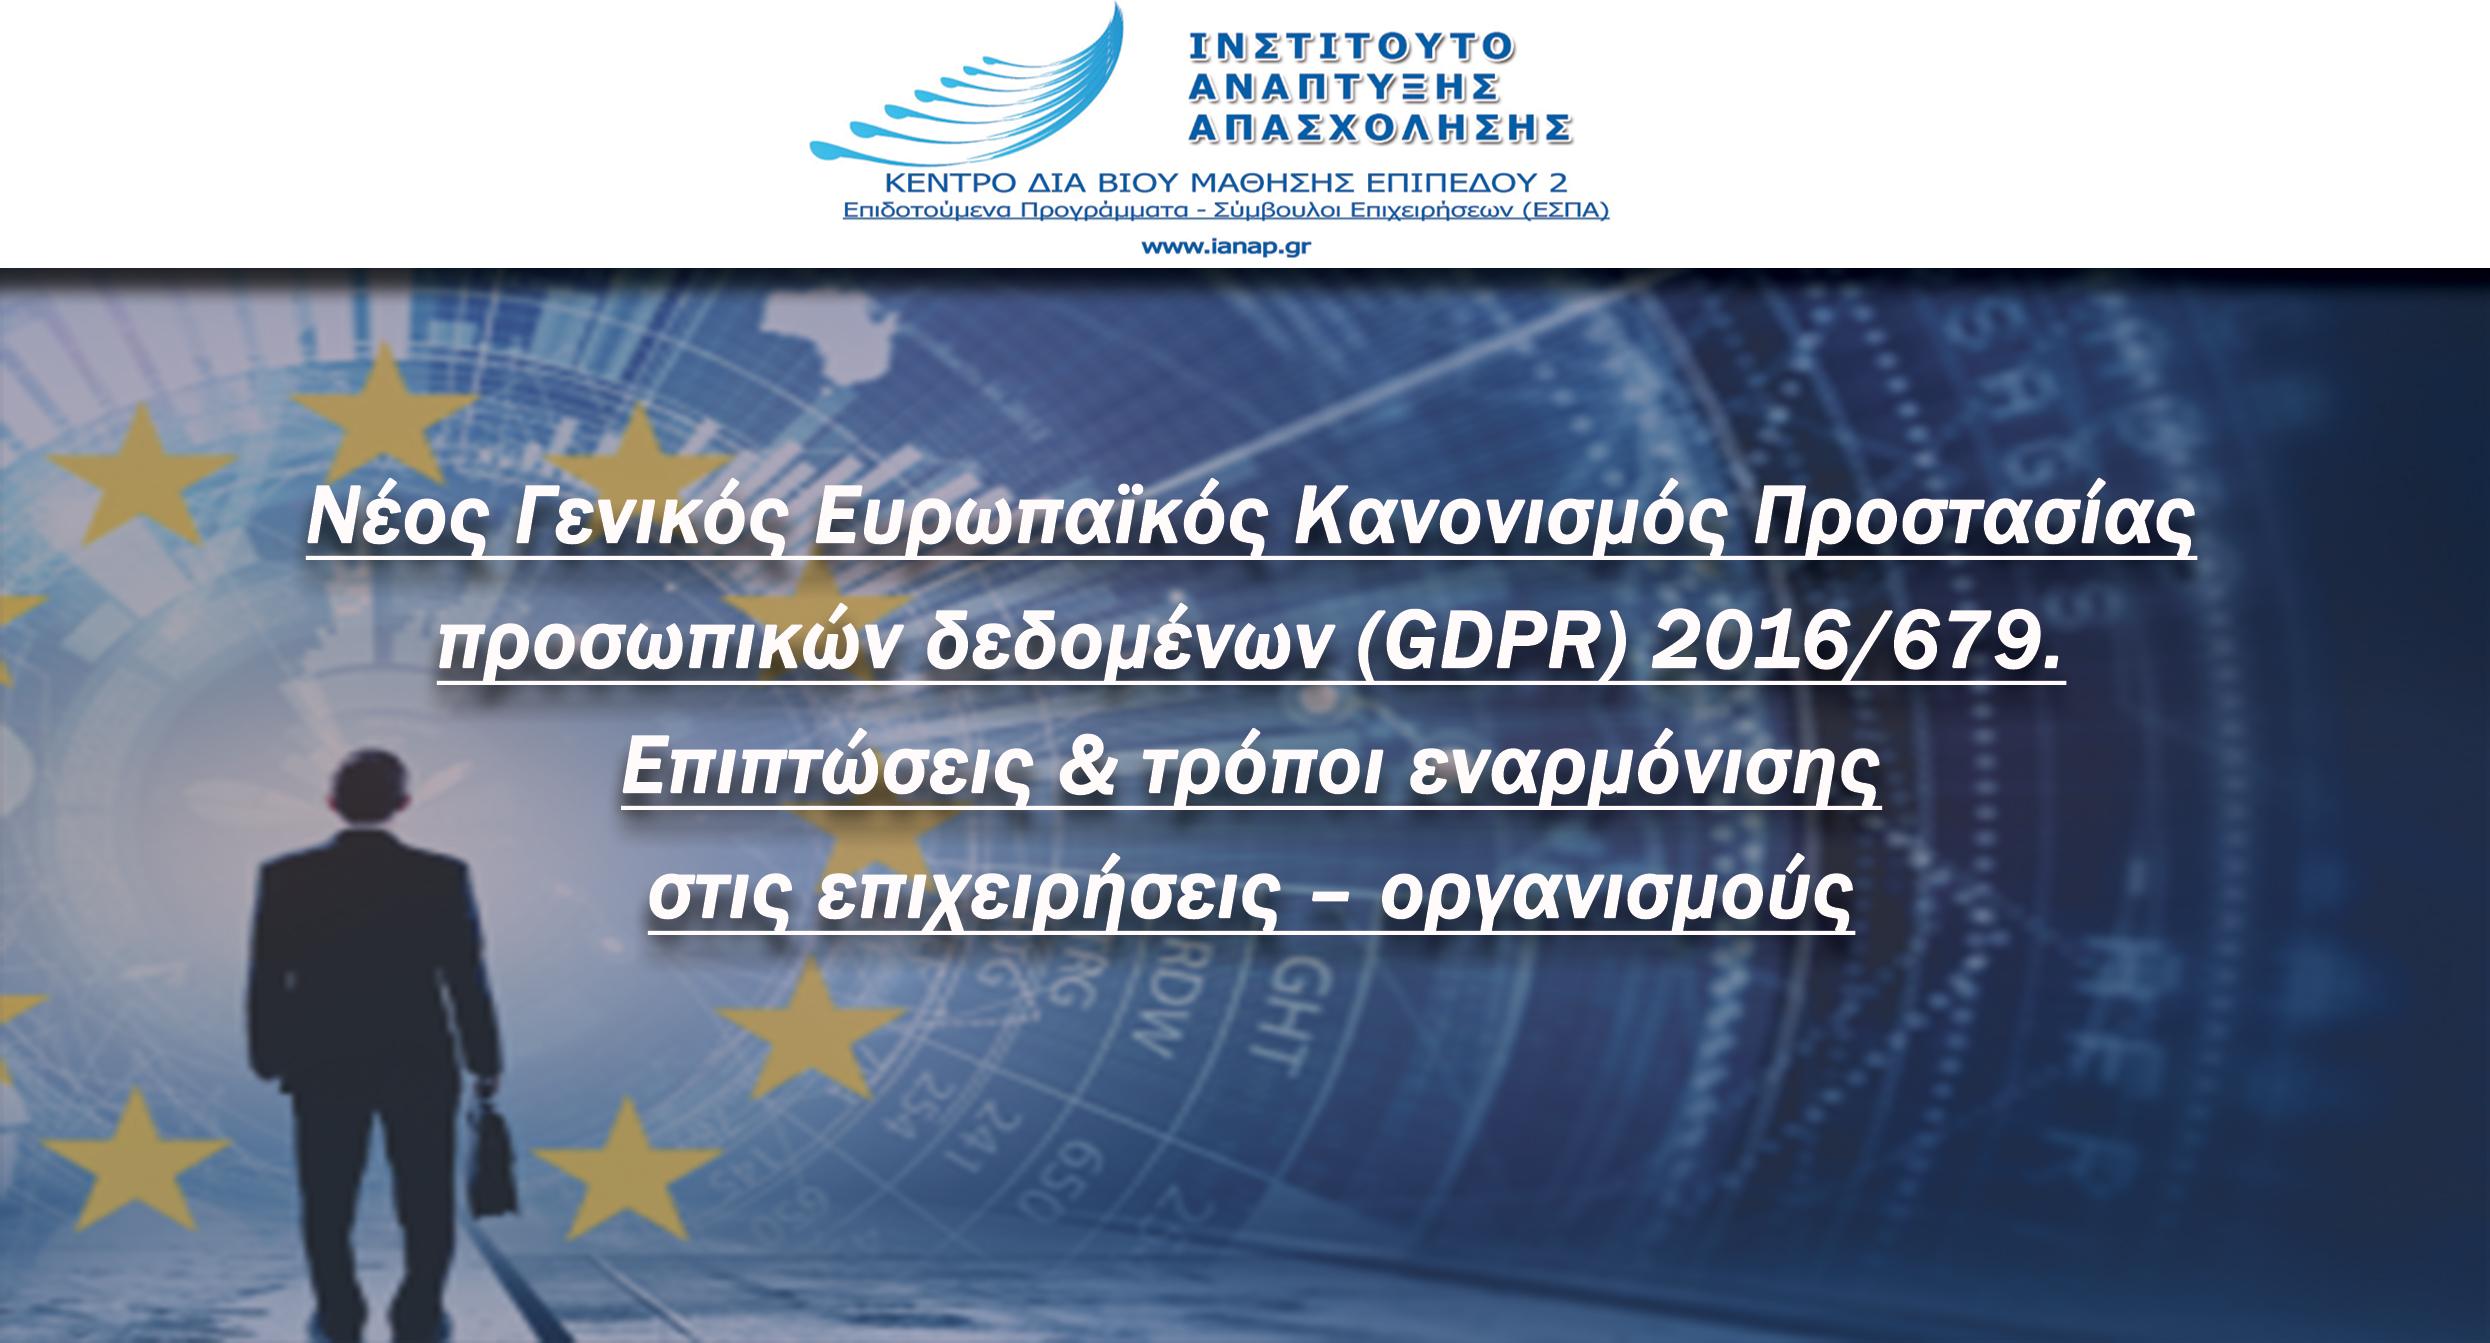 Νέος Γενικός Ευρωπαϊκός Κανονισμός Προστασίας προσωπικών δεδομένων (GDPR) 2016/679. Επιπτώσεις και τρόποι εναρμόνισης στις επιχειρήσεις – οργανισμούς.